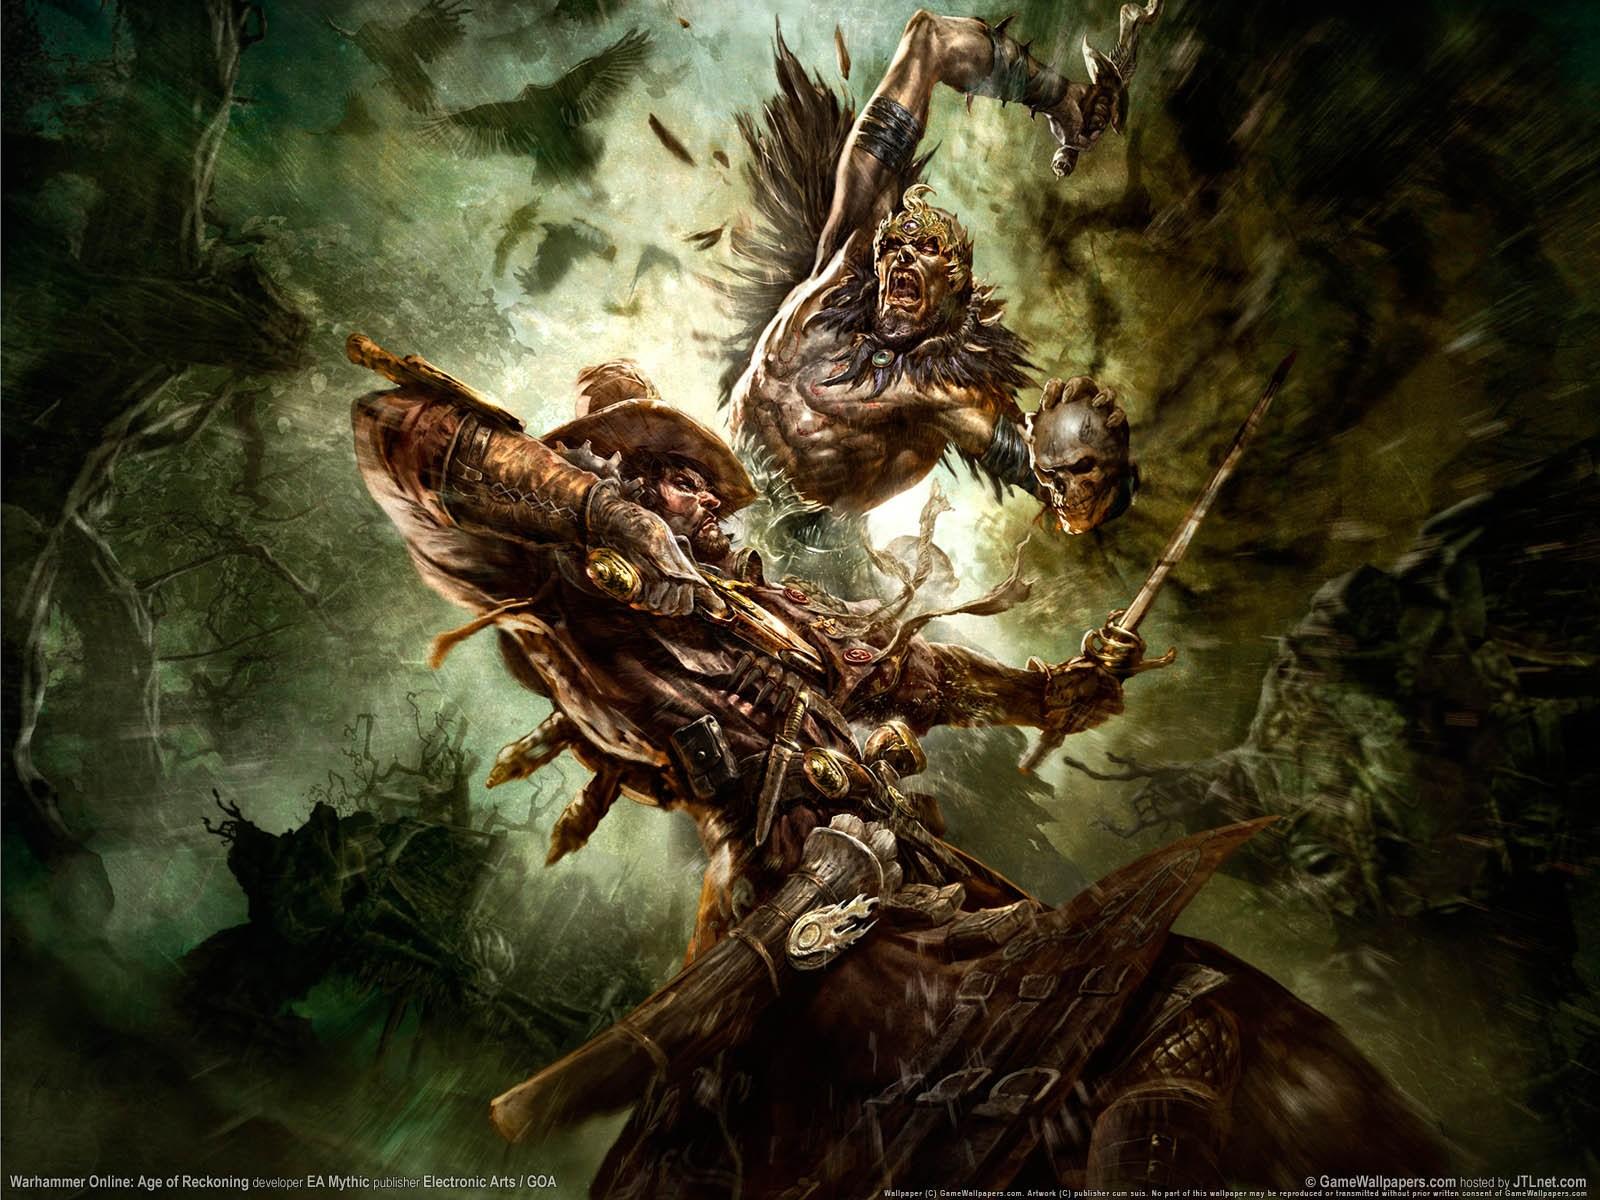 http://1.bp.blogspot.com/_YjKZgzCyIWQ/TBh8YgiEJrI/AAAAAAAACE0/XkSUQQw6KlA/s1600/warhammer-online-age-of-reckoning-art-626.jpg